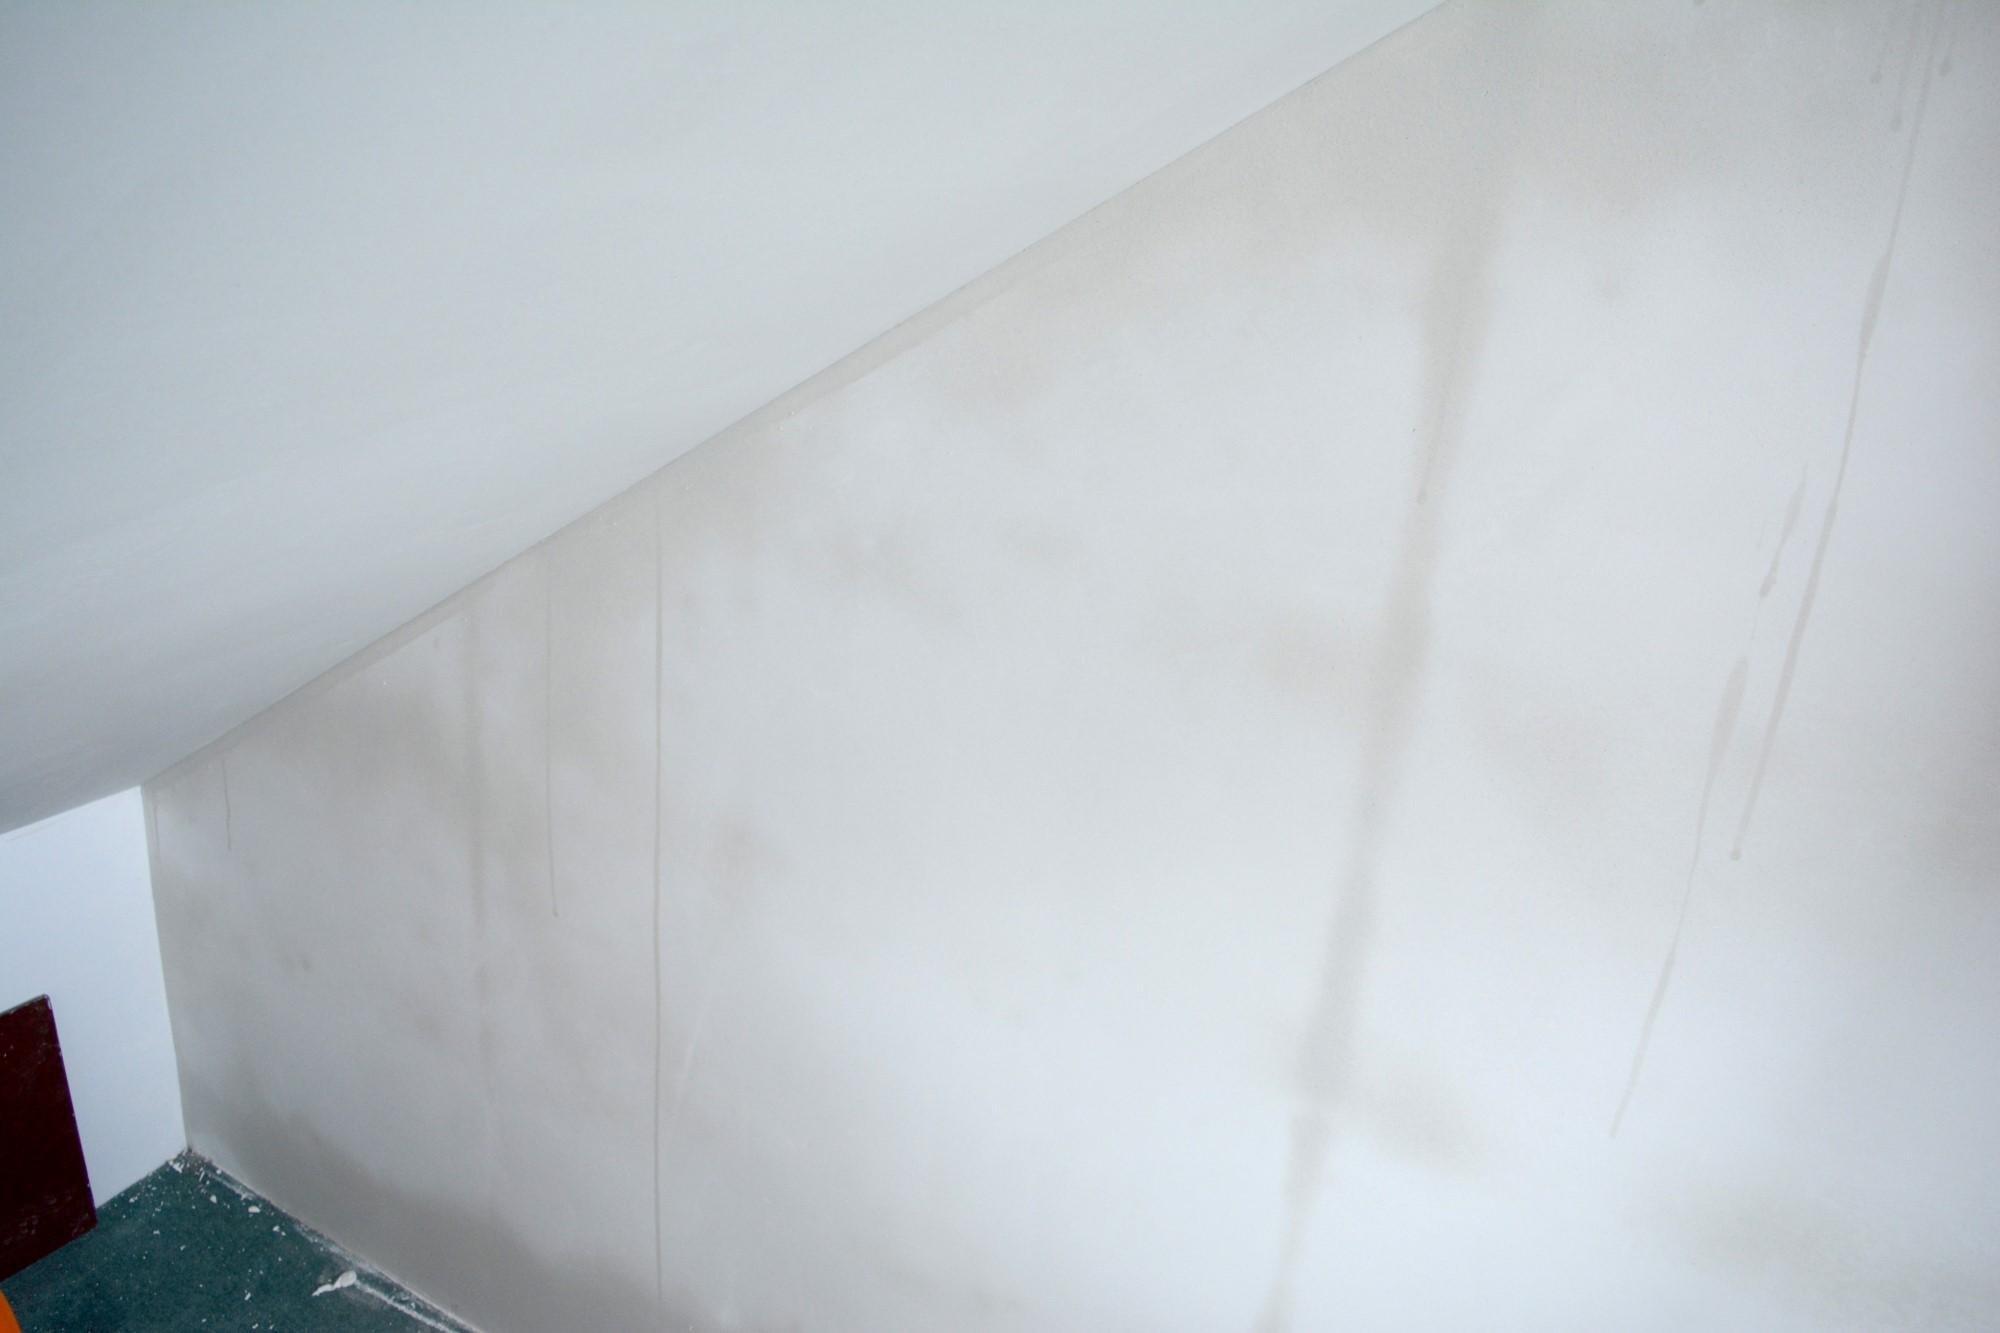 Stucwerk Badkamer Drogen : Stucwerk zolderkamers stukadoor gezocht